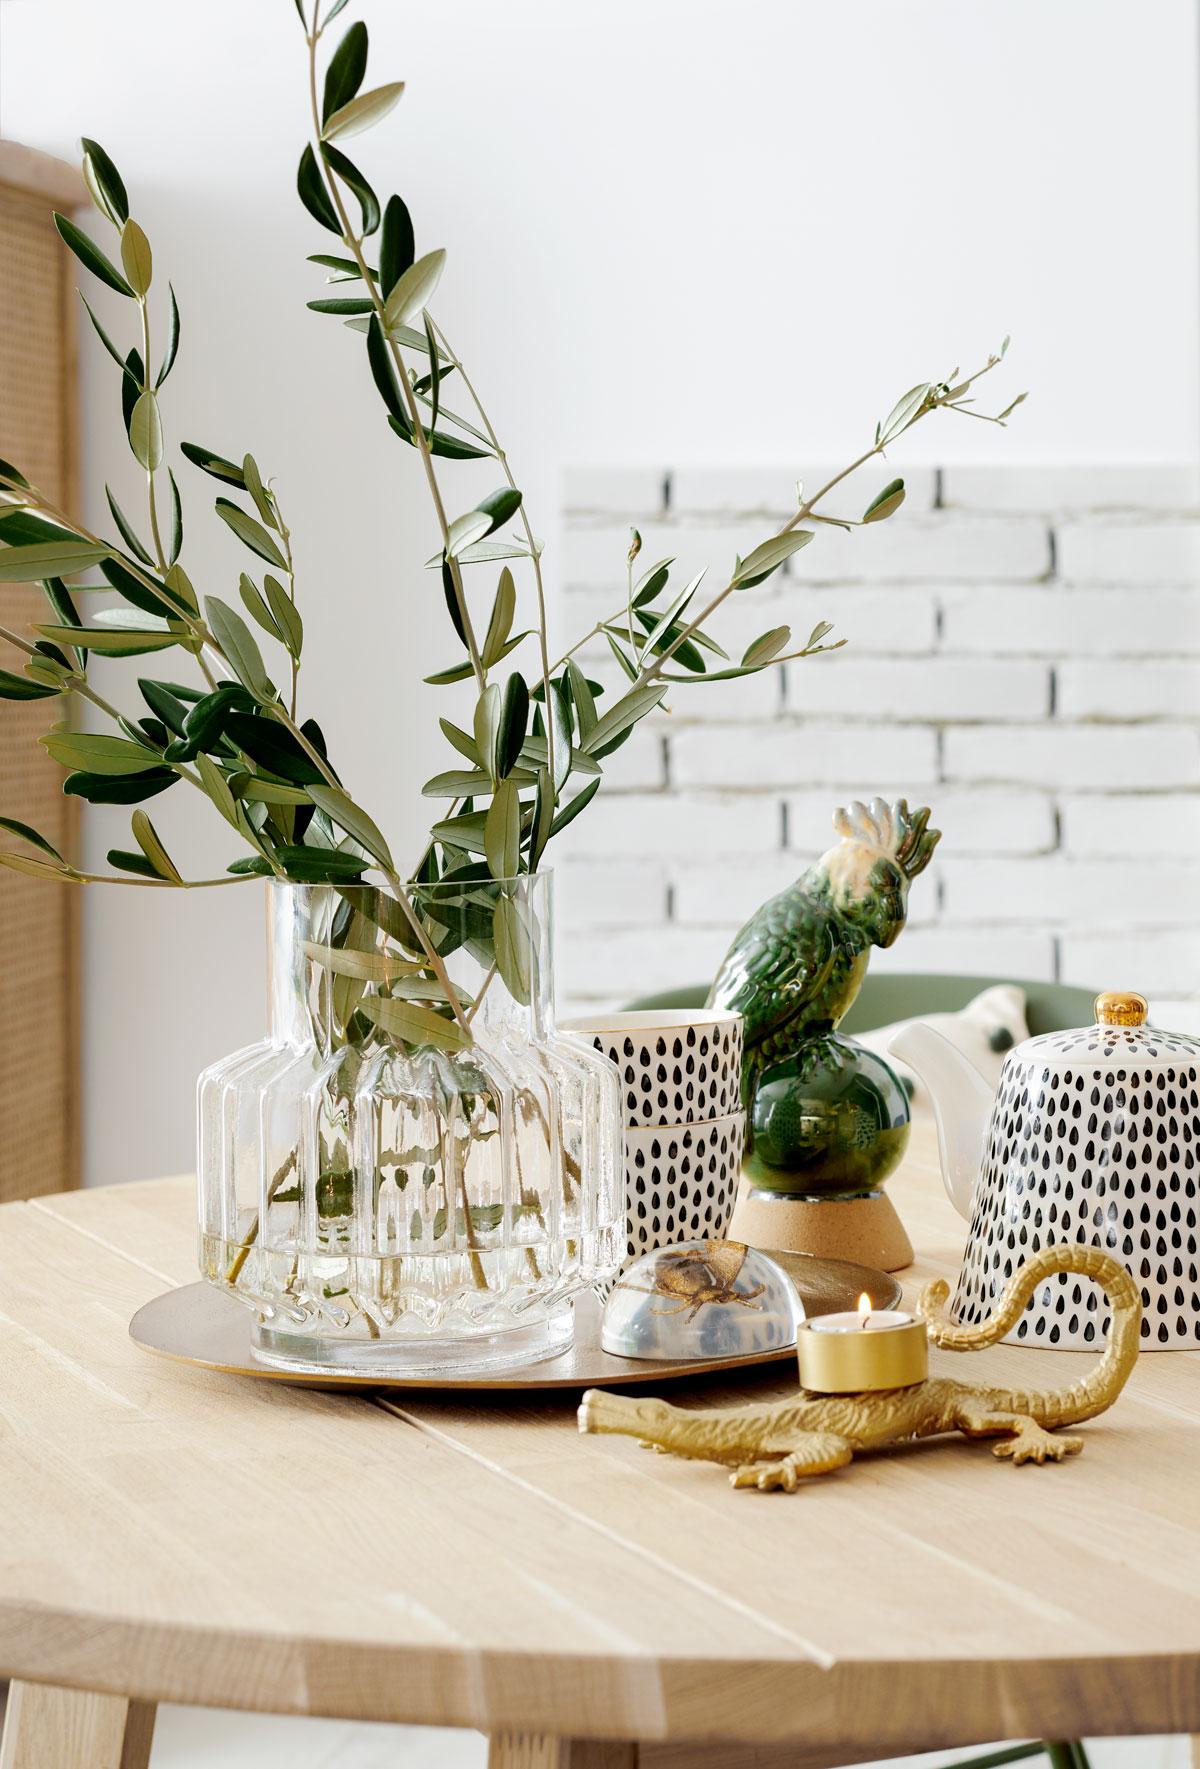 KARWEI huis styling eettafel - Tanja van Hoogdalem